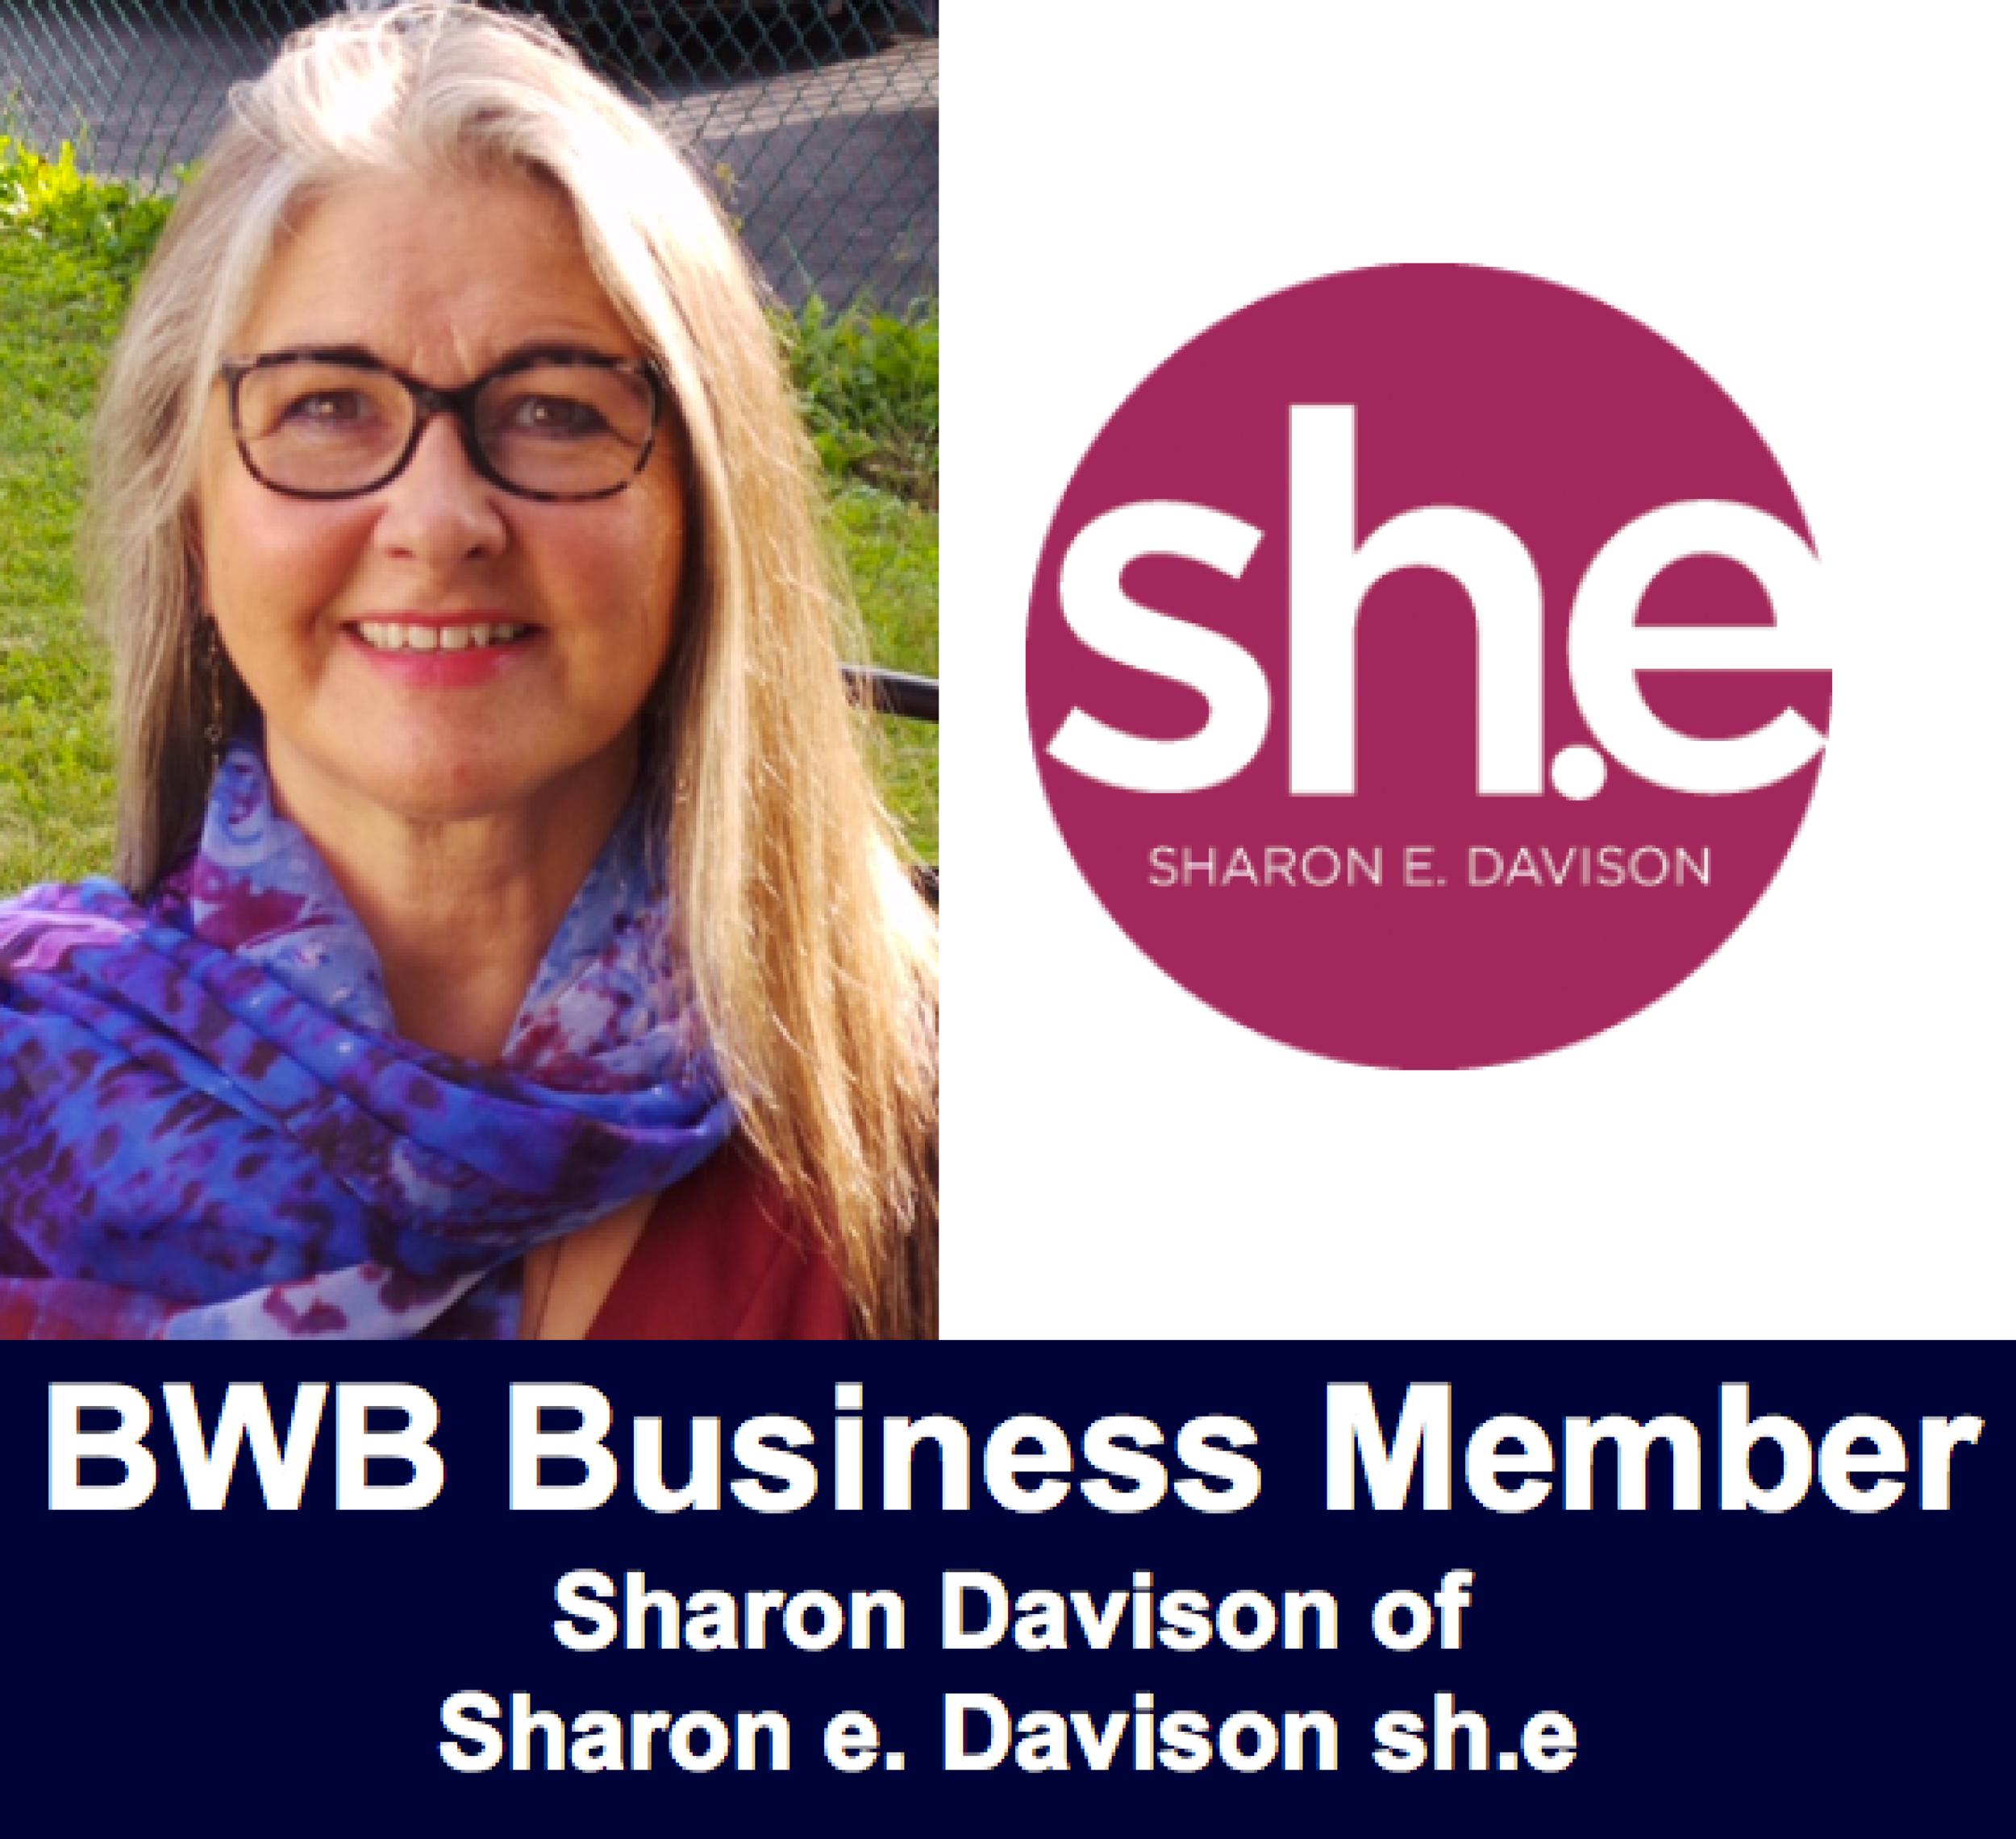 BWBbusiness member.png